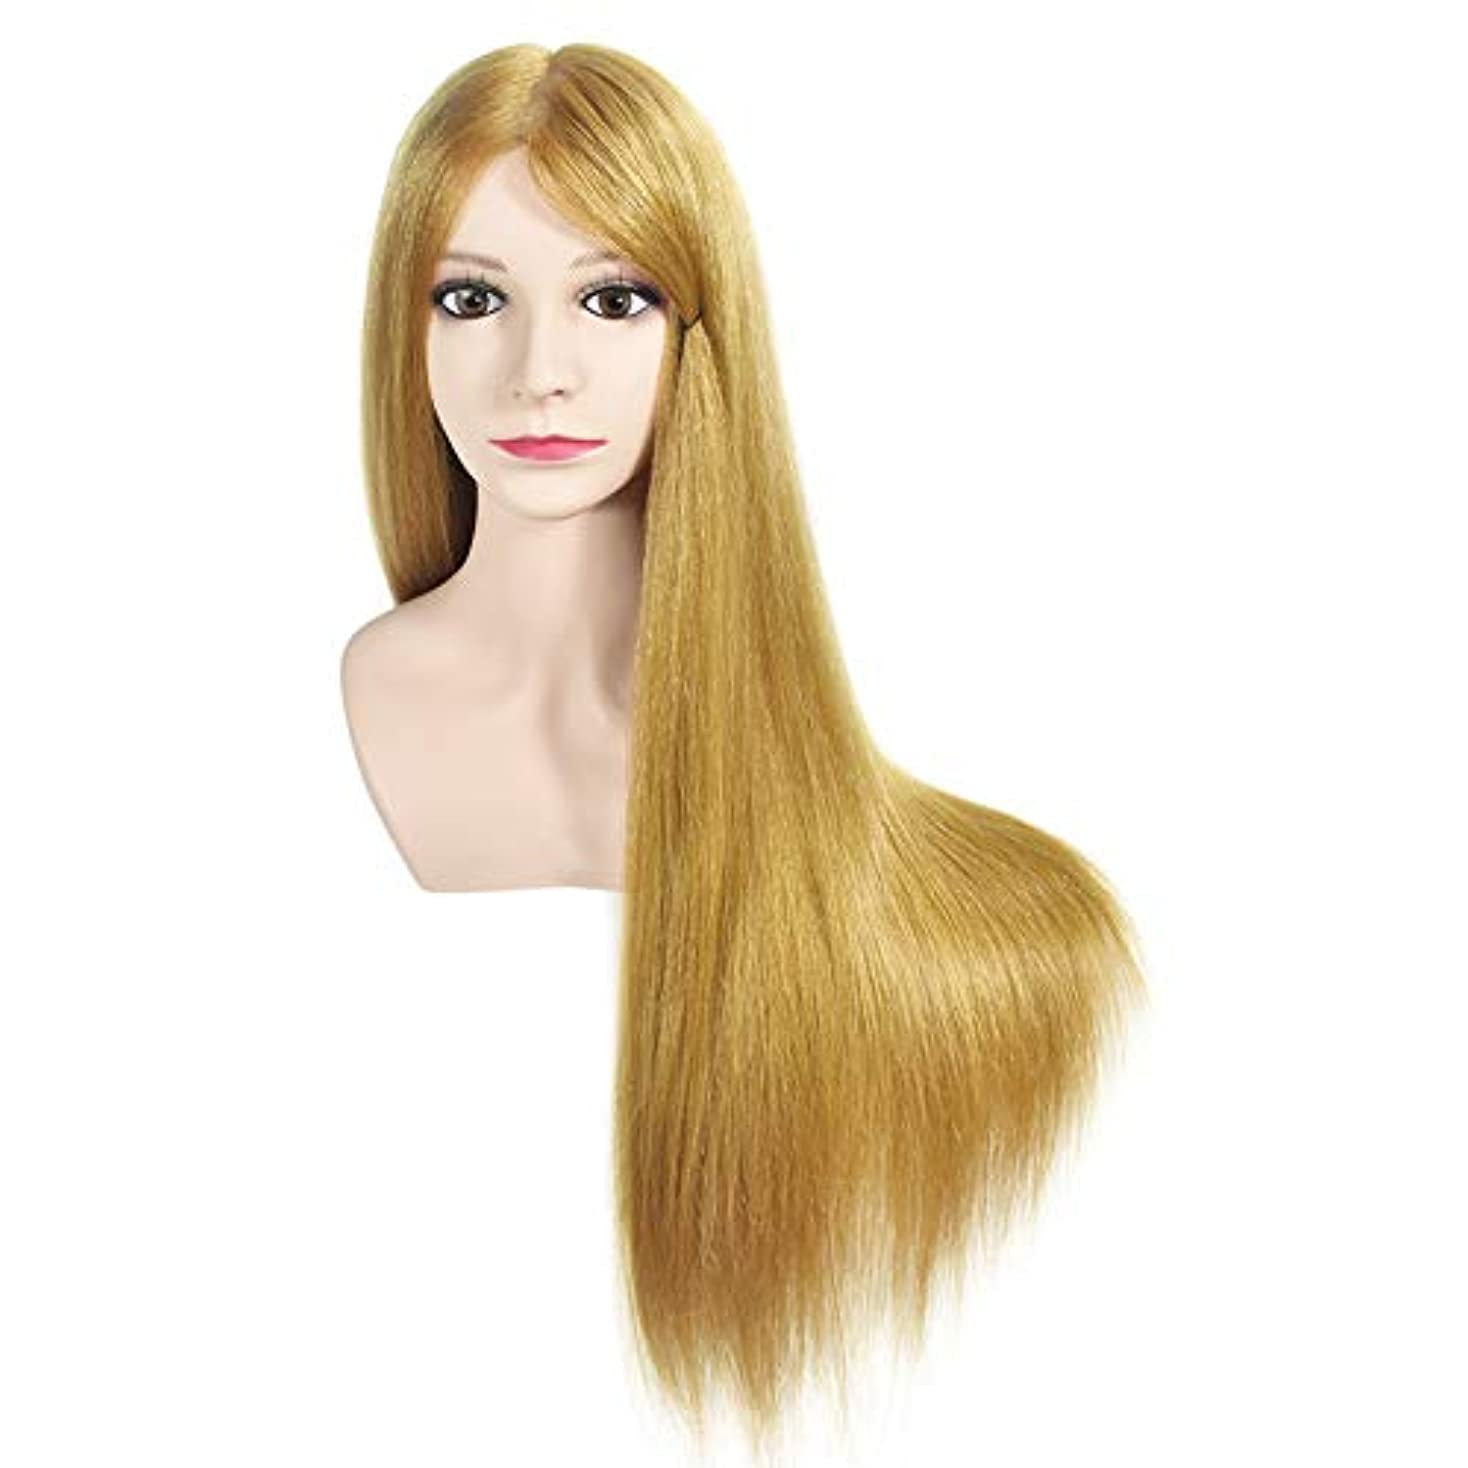 確かに非難負担サロンヘアブレイド理髪指導ヘッドスタイリング散髪ダミーヘッド化粧学習ショルダーマネキンヘッド